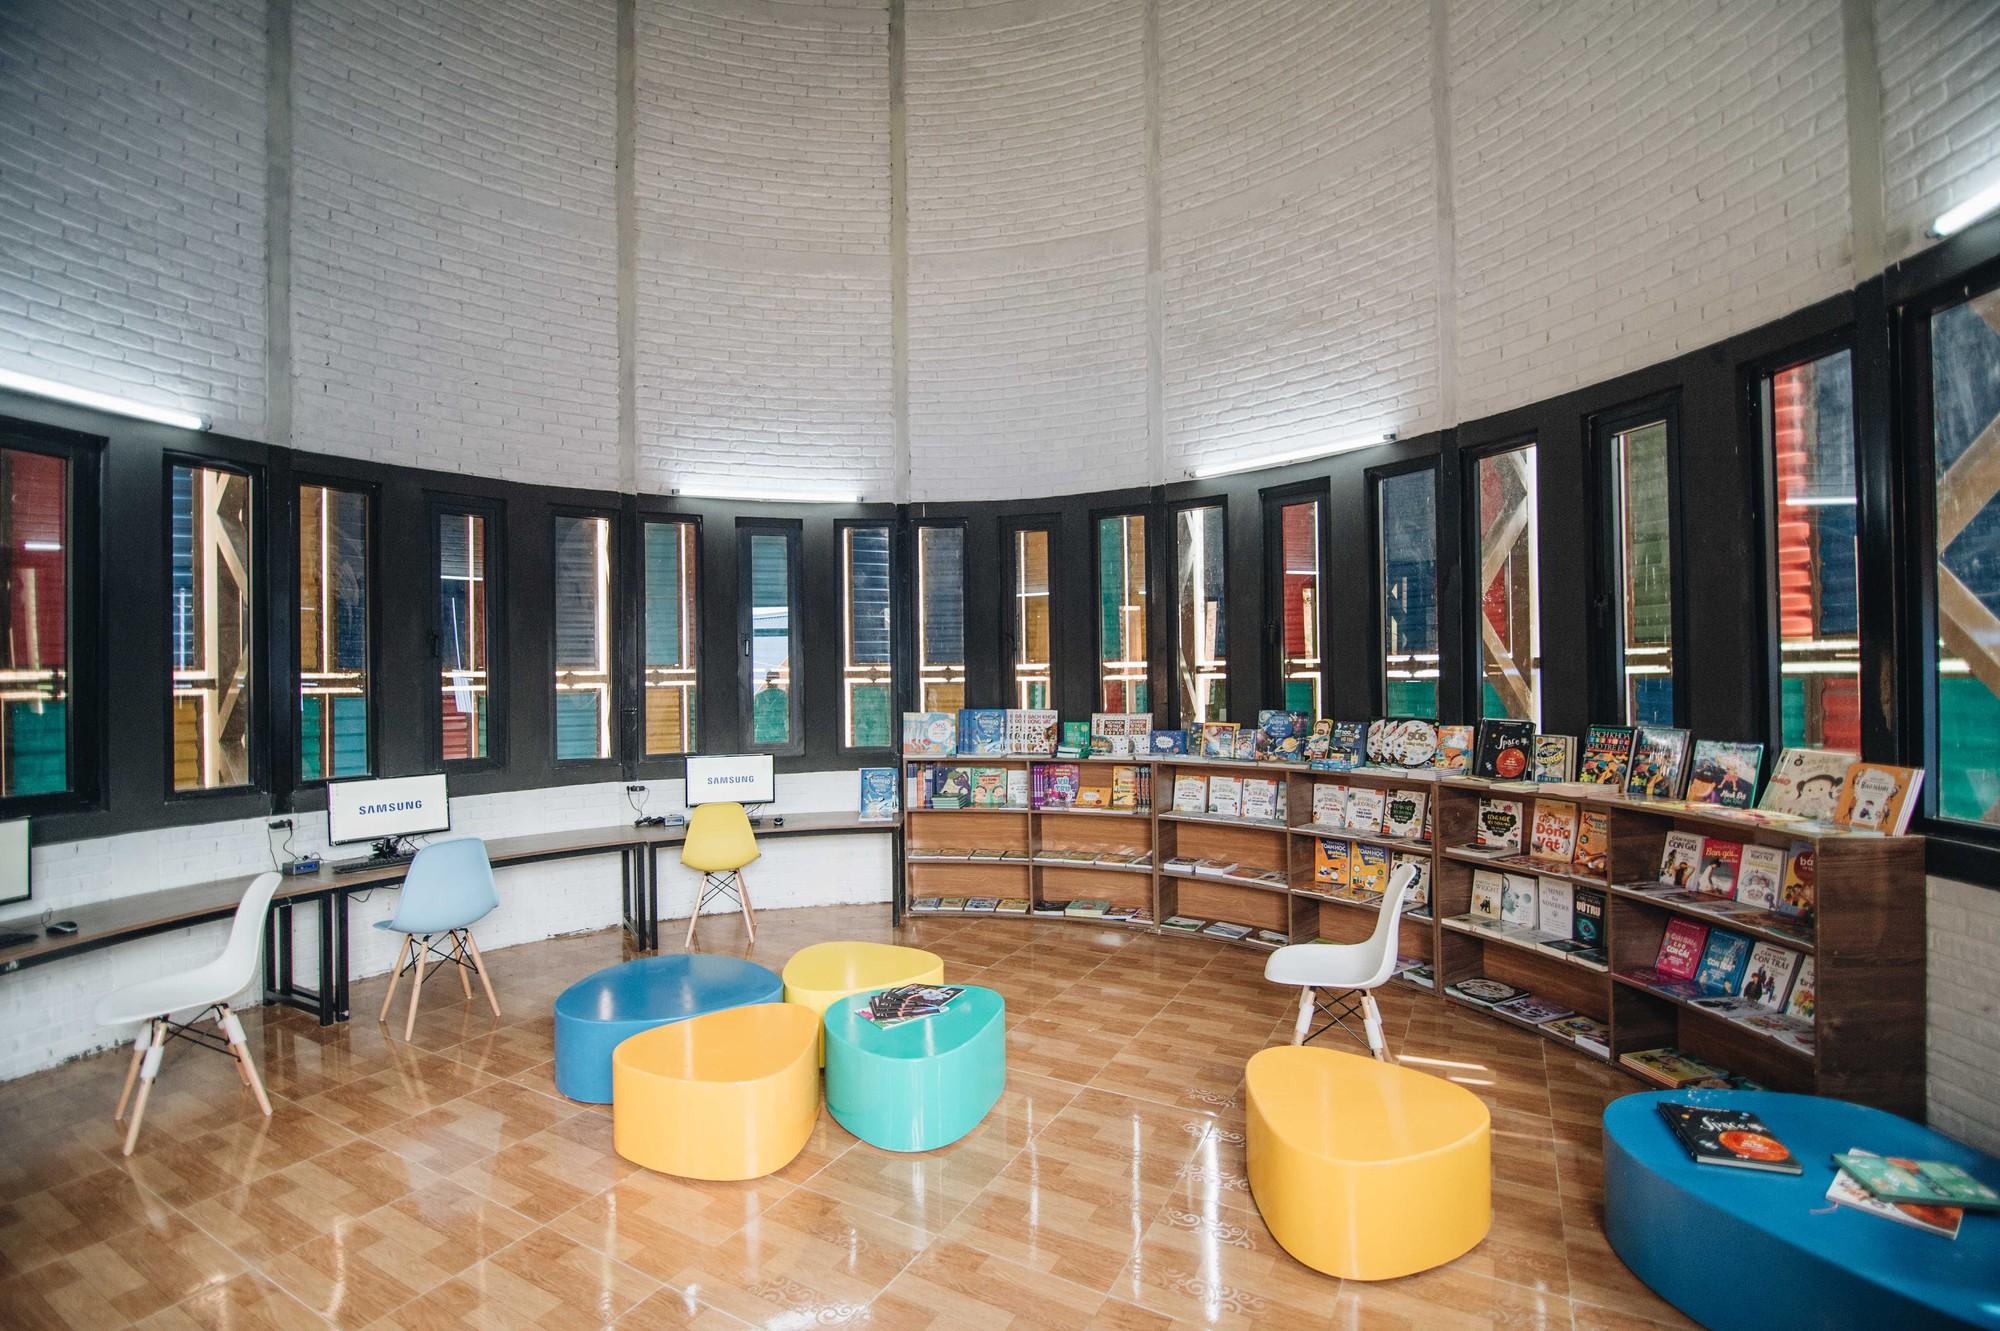 Khám phá thư viện truyền cảm hứng của dự án Mặt Trời Mơ Ước - Đoá hoa rực rỡ giữa núi rừng Tri Lễ - Ảnh 2.